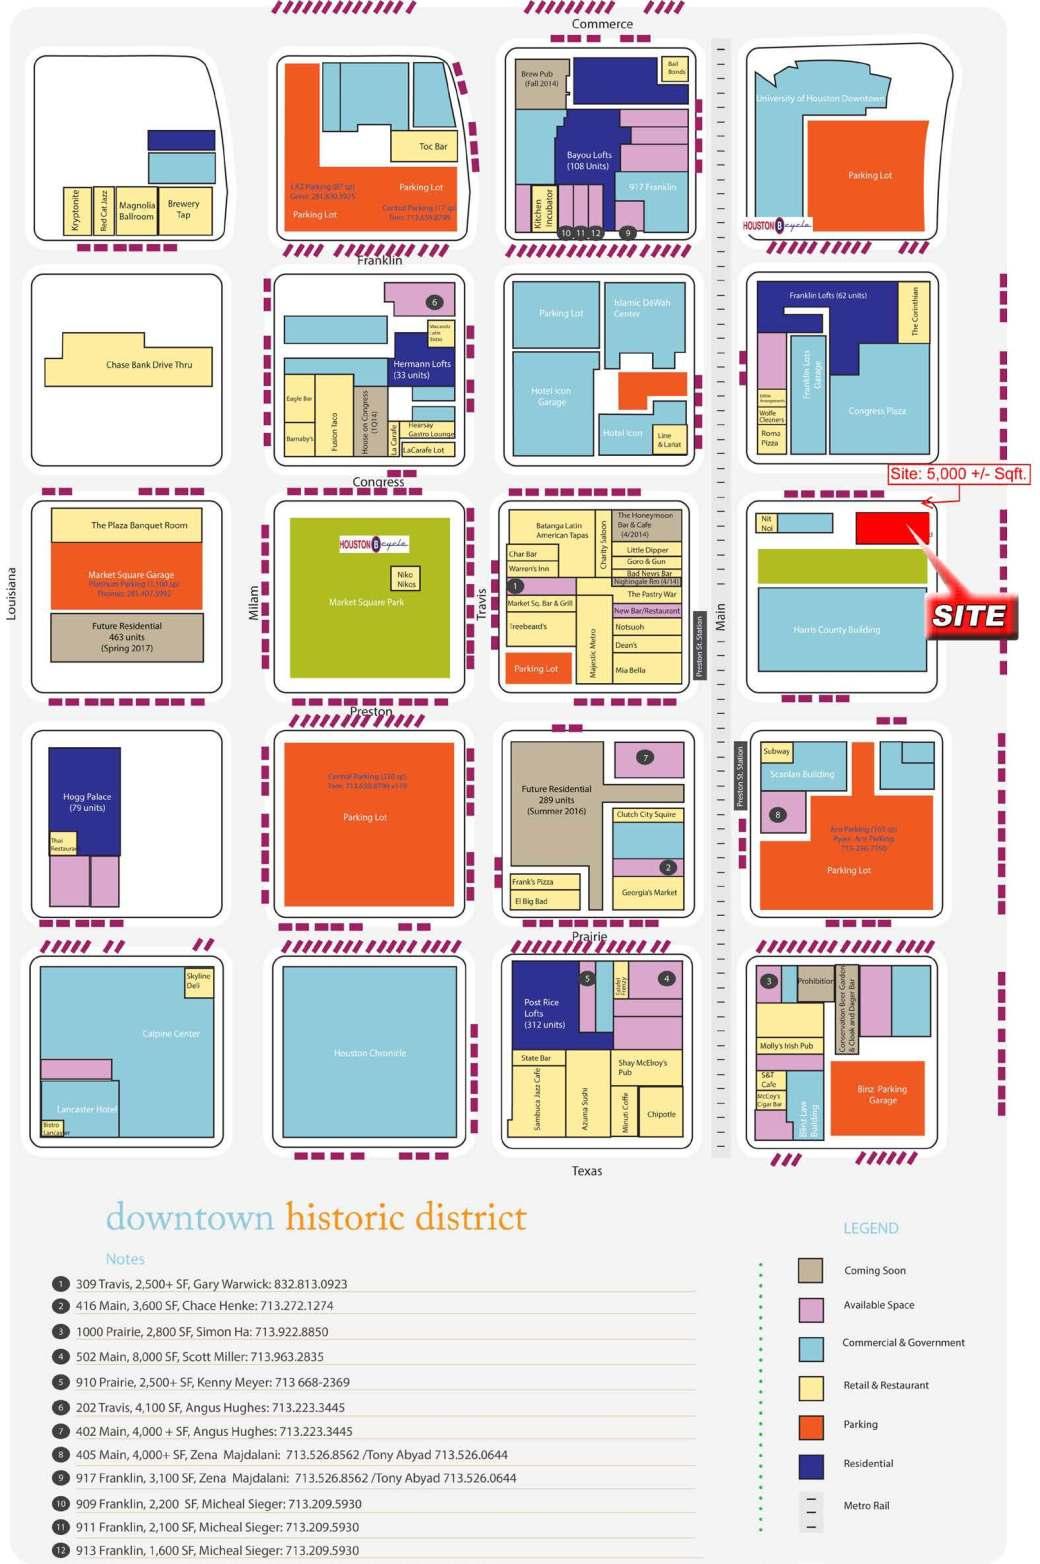 300 Fannin St map